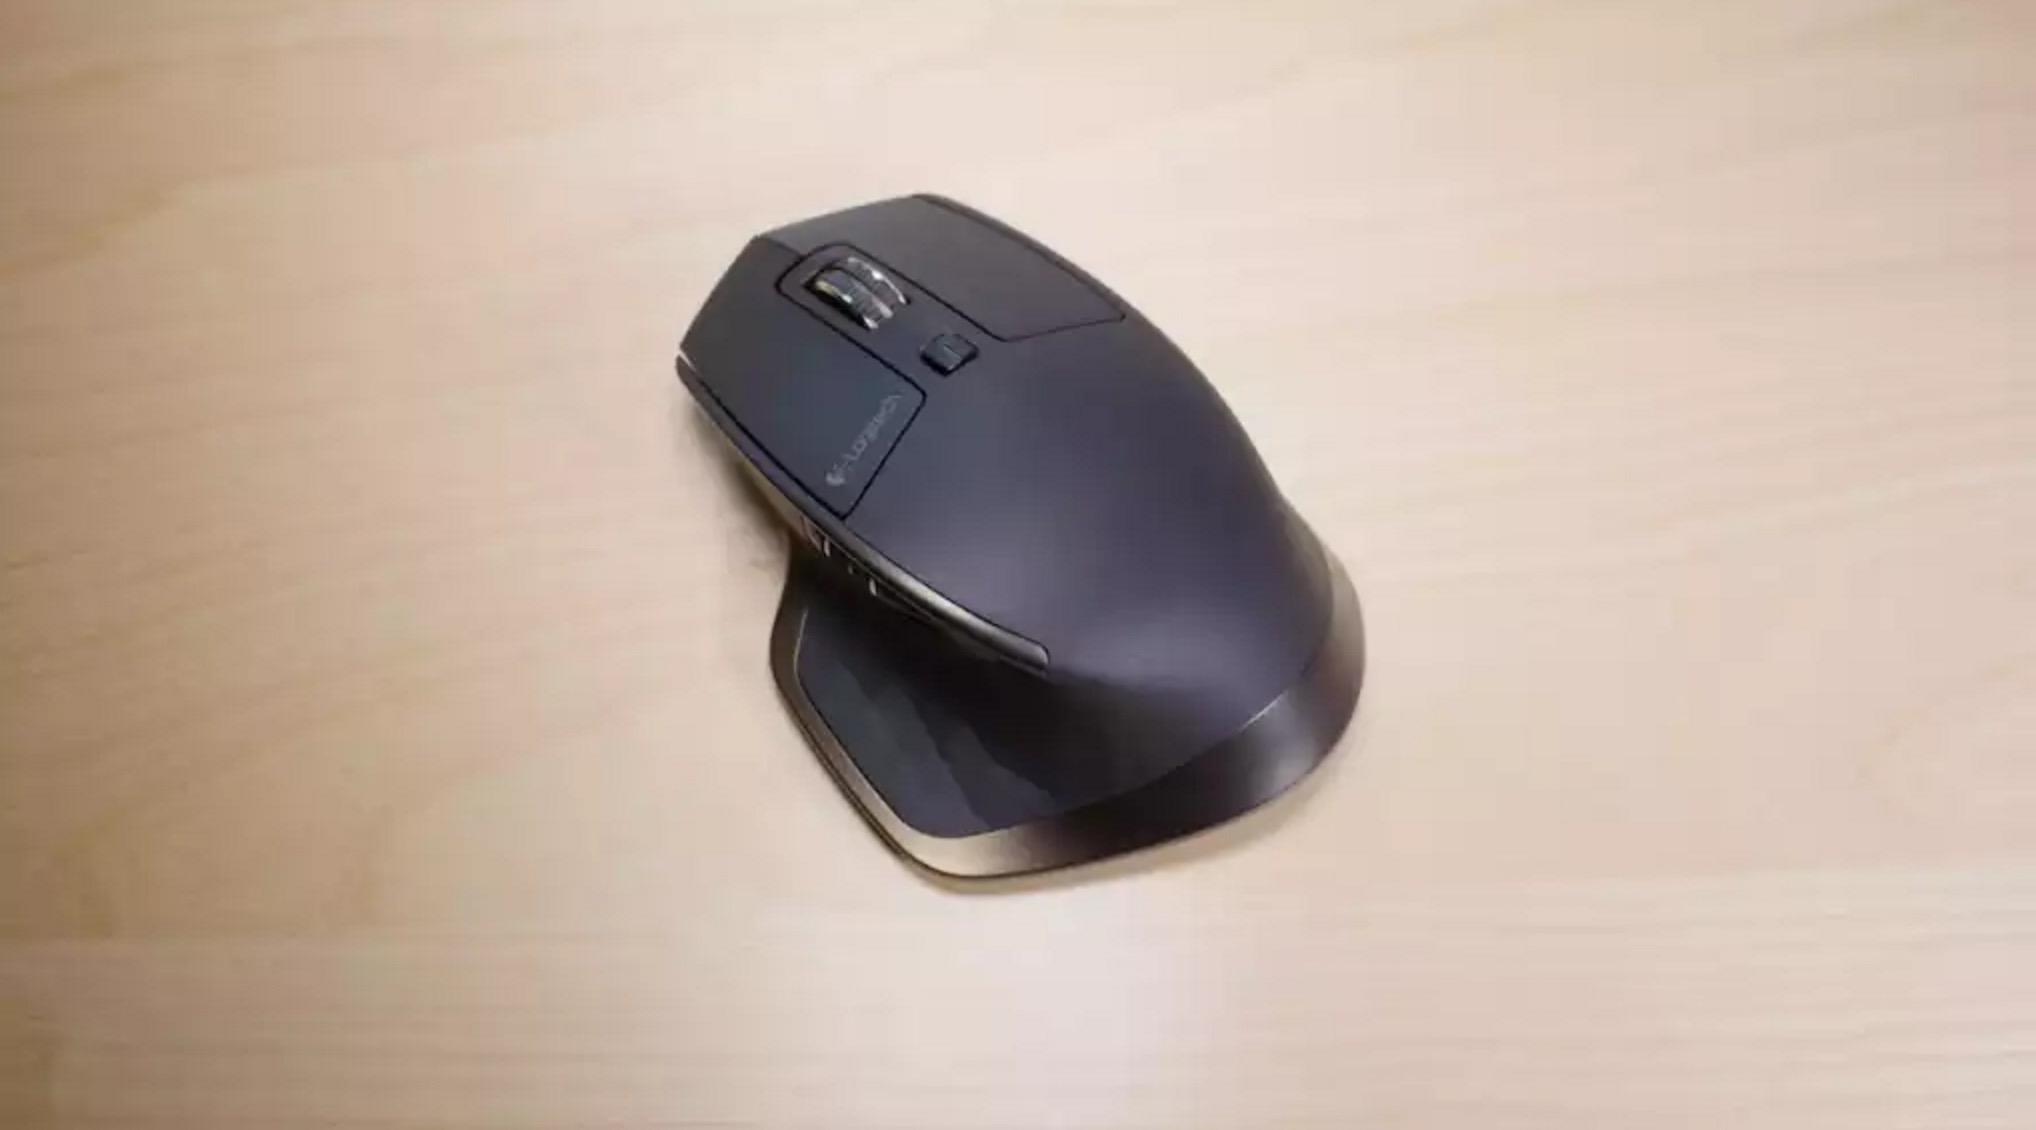 mouse logitech macOS sierra problemi